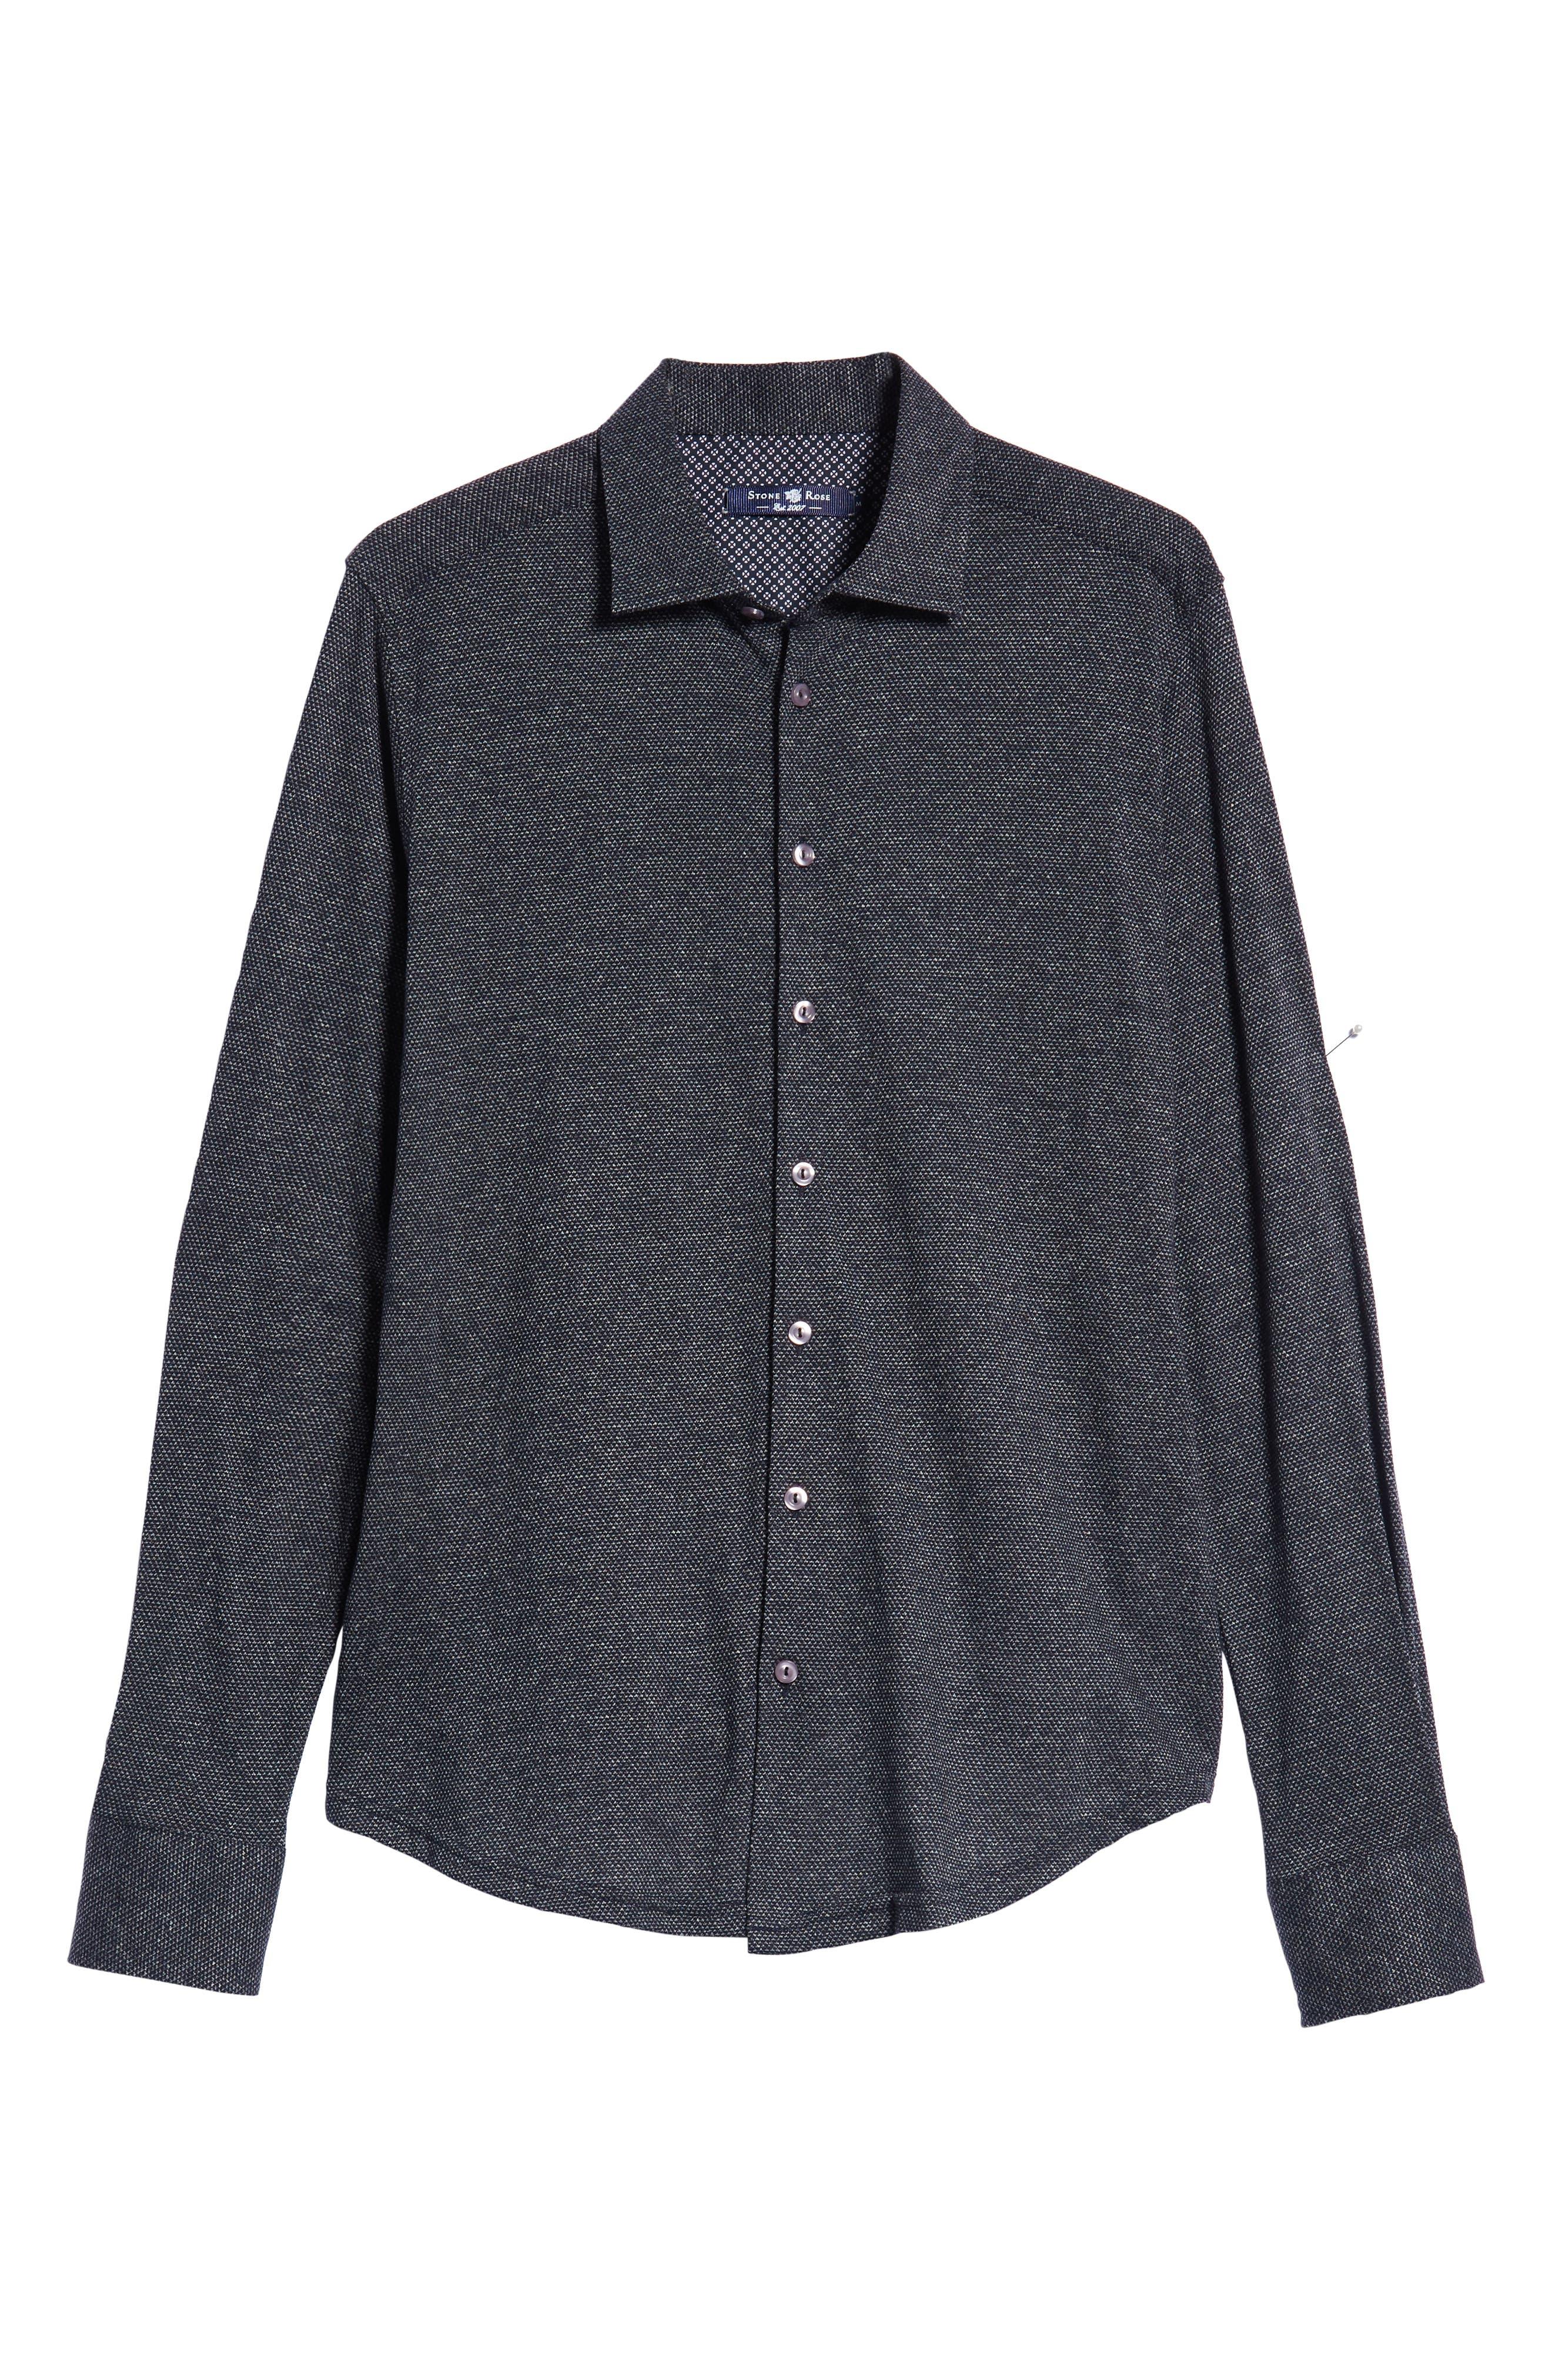 Trim Fit Jacquard Knit Sport Shirt,                             Alternate thumbnail 5, color,                             BLACK